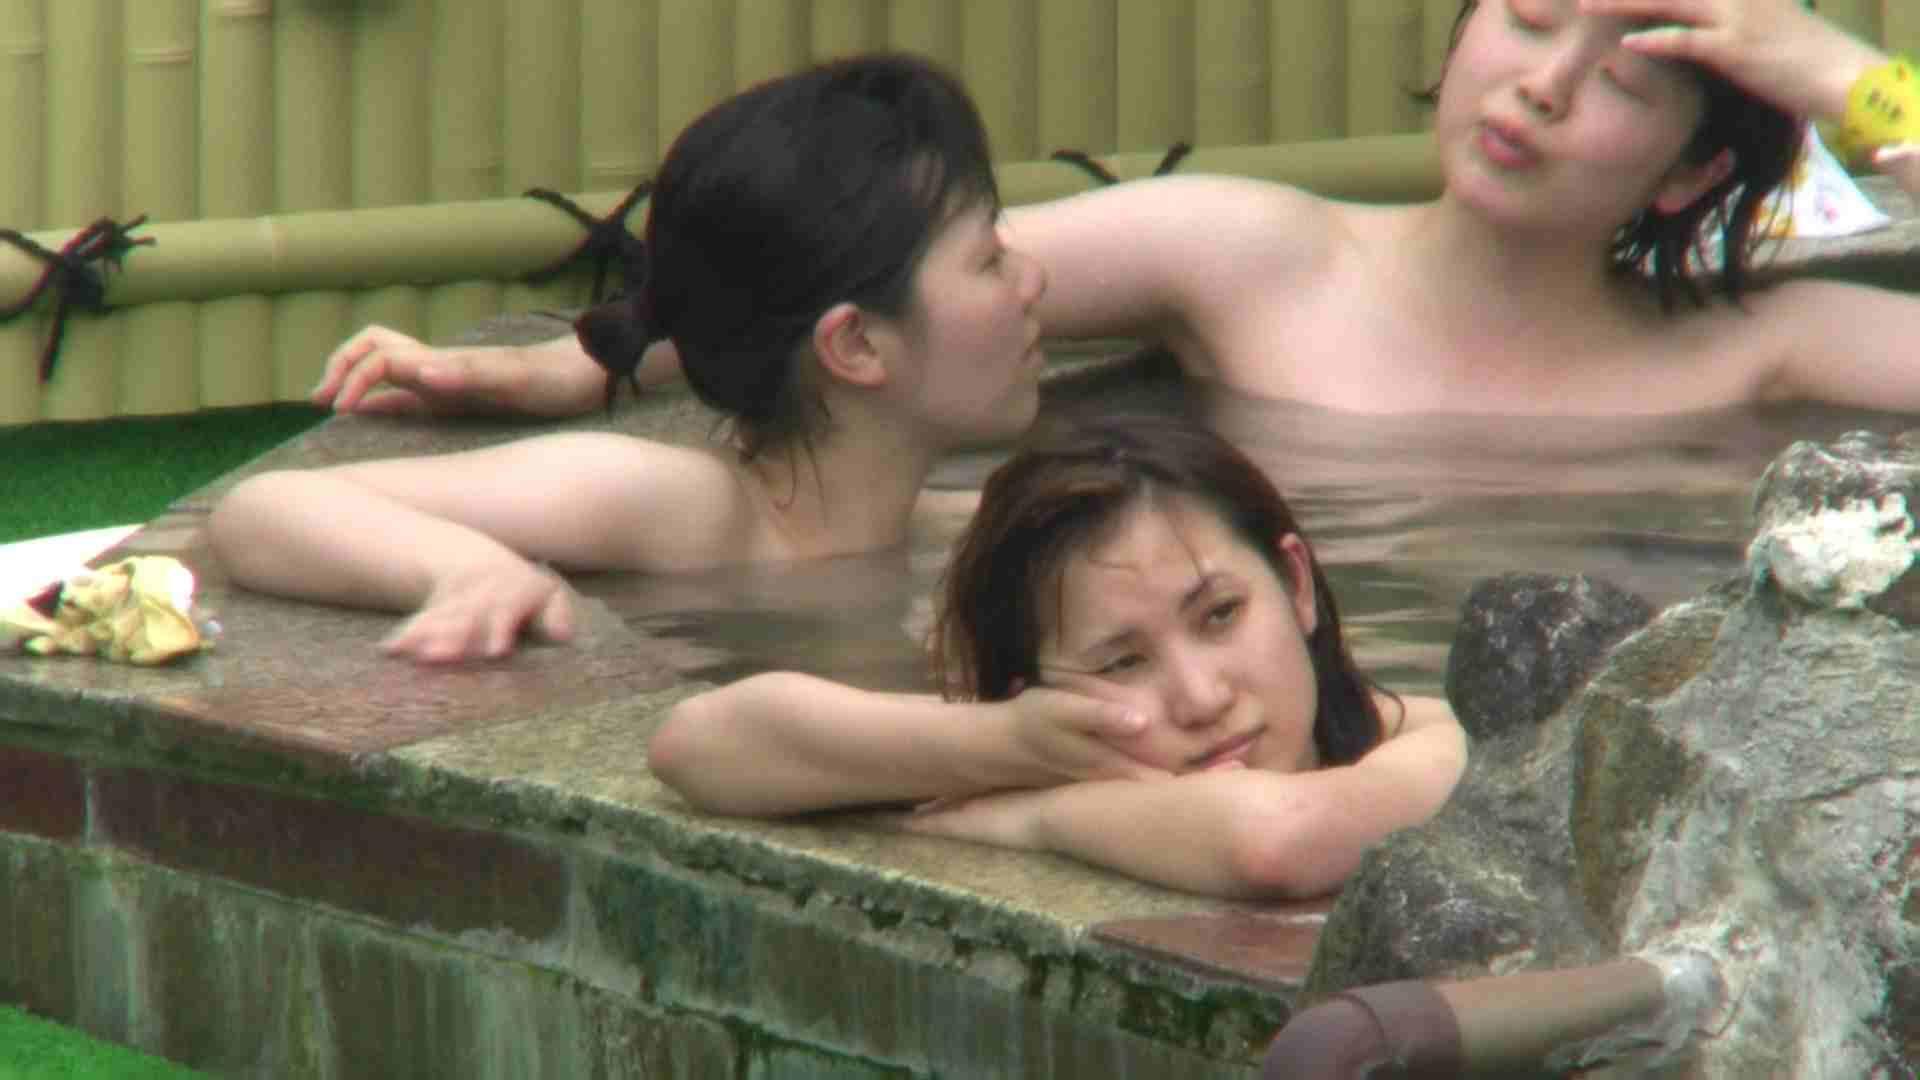 Aquaな露天風呂Vol.65【VIP限定】 盗撮  95画像 87